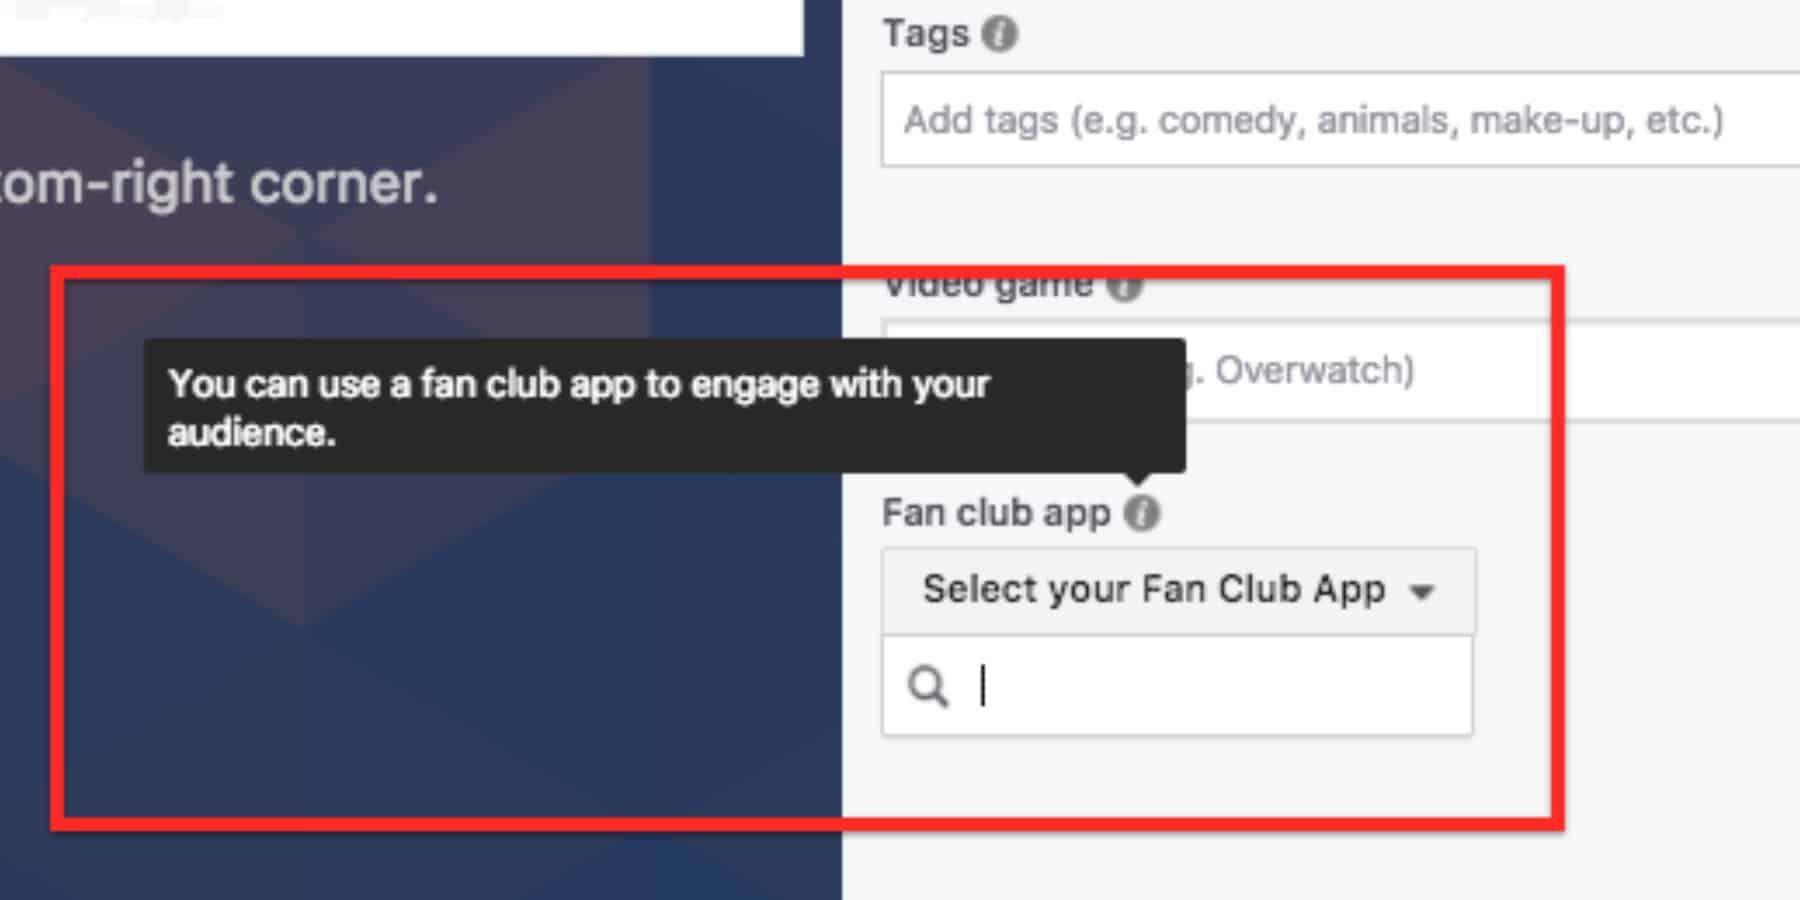 Fan Club App